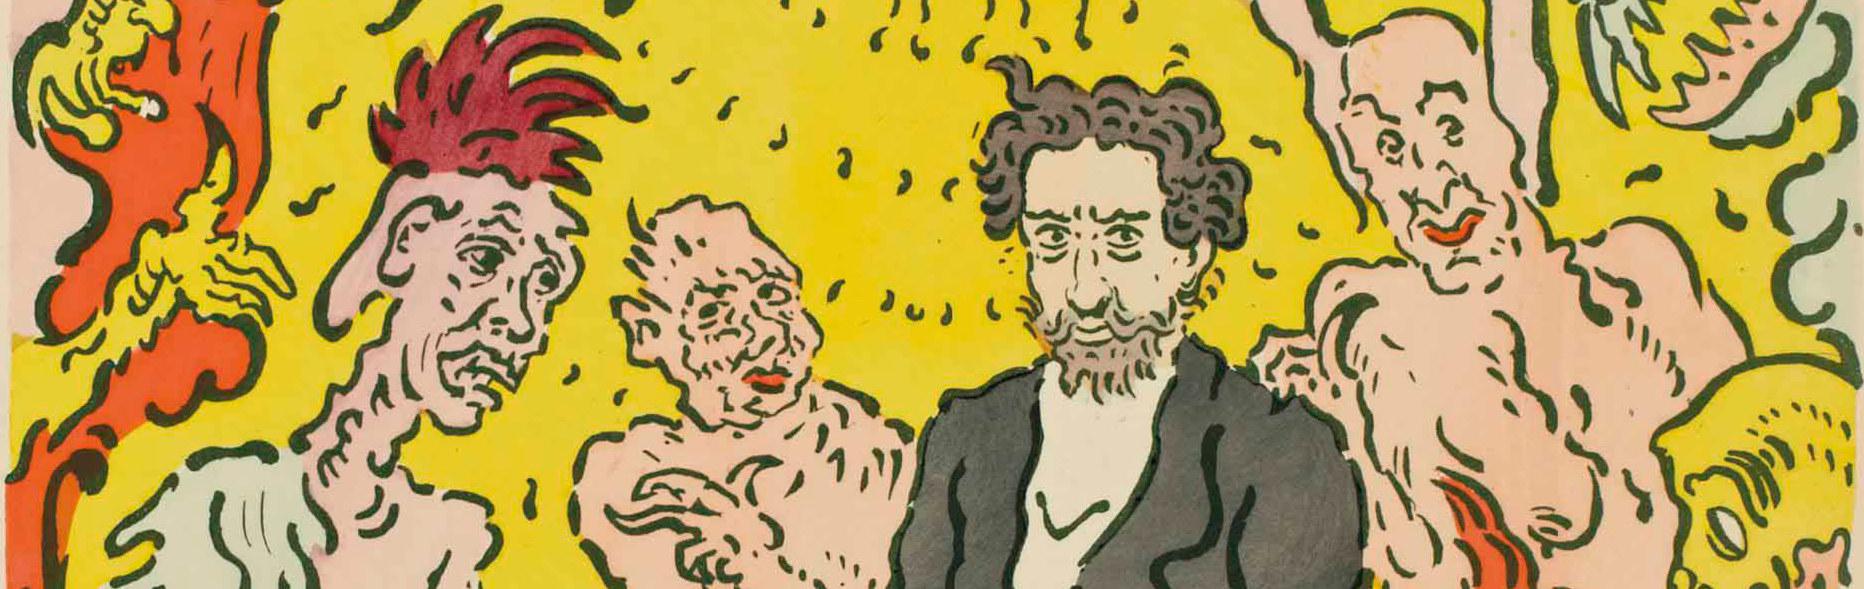 James Ensor Ostende affiche